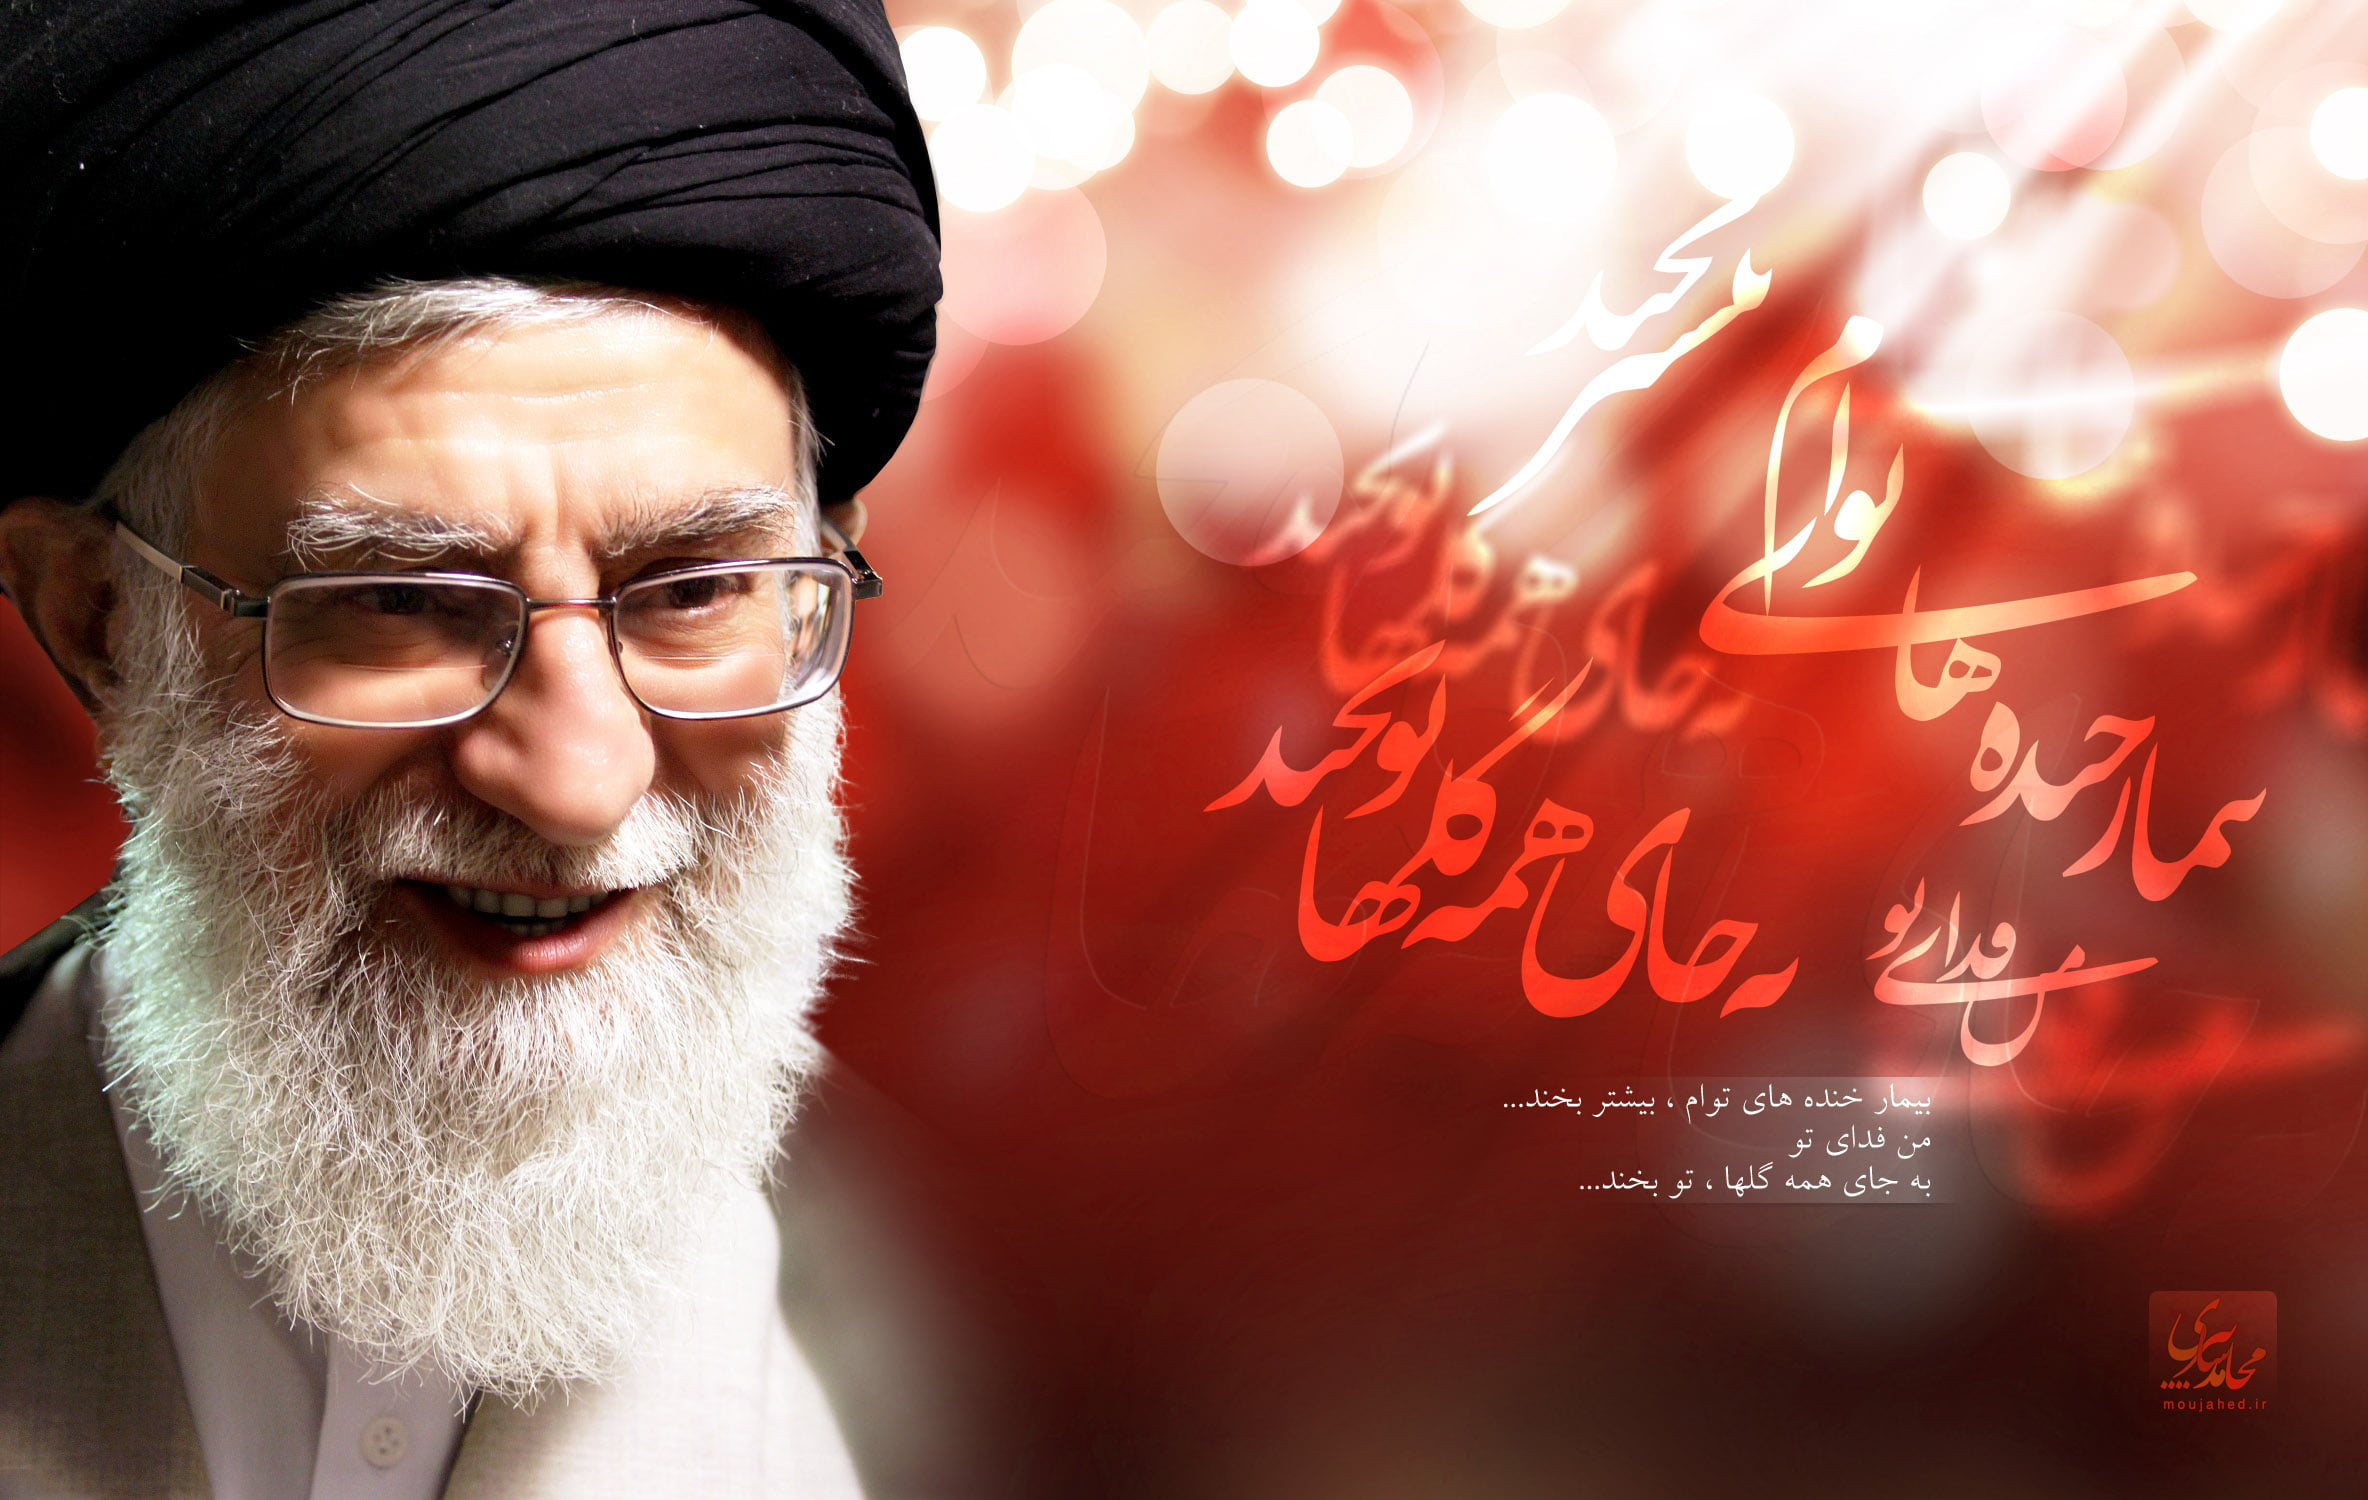 یادگار ماندگار قلم چی ۹۵ 10 توصیه رهبر معظم انقلاب درباره آداب نماز سایت جامع ماه مبارک رمضان